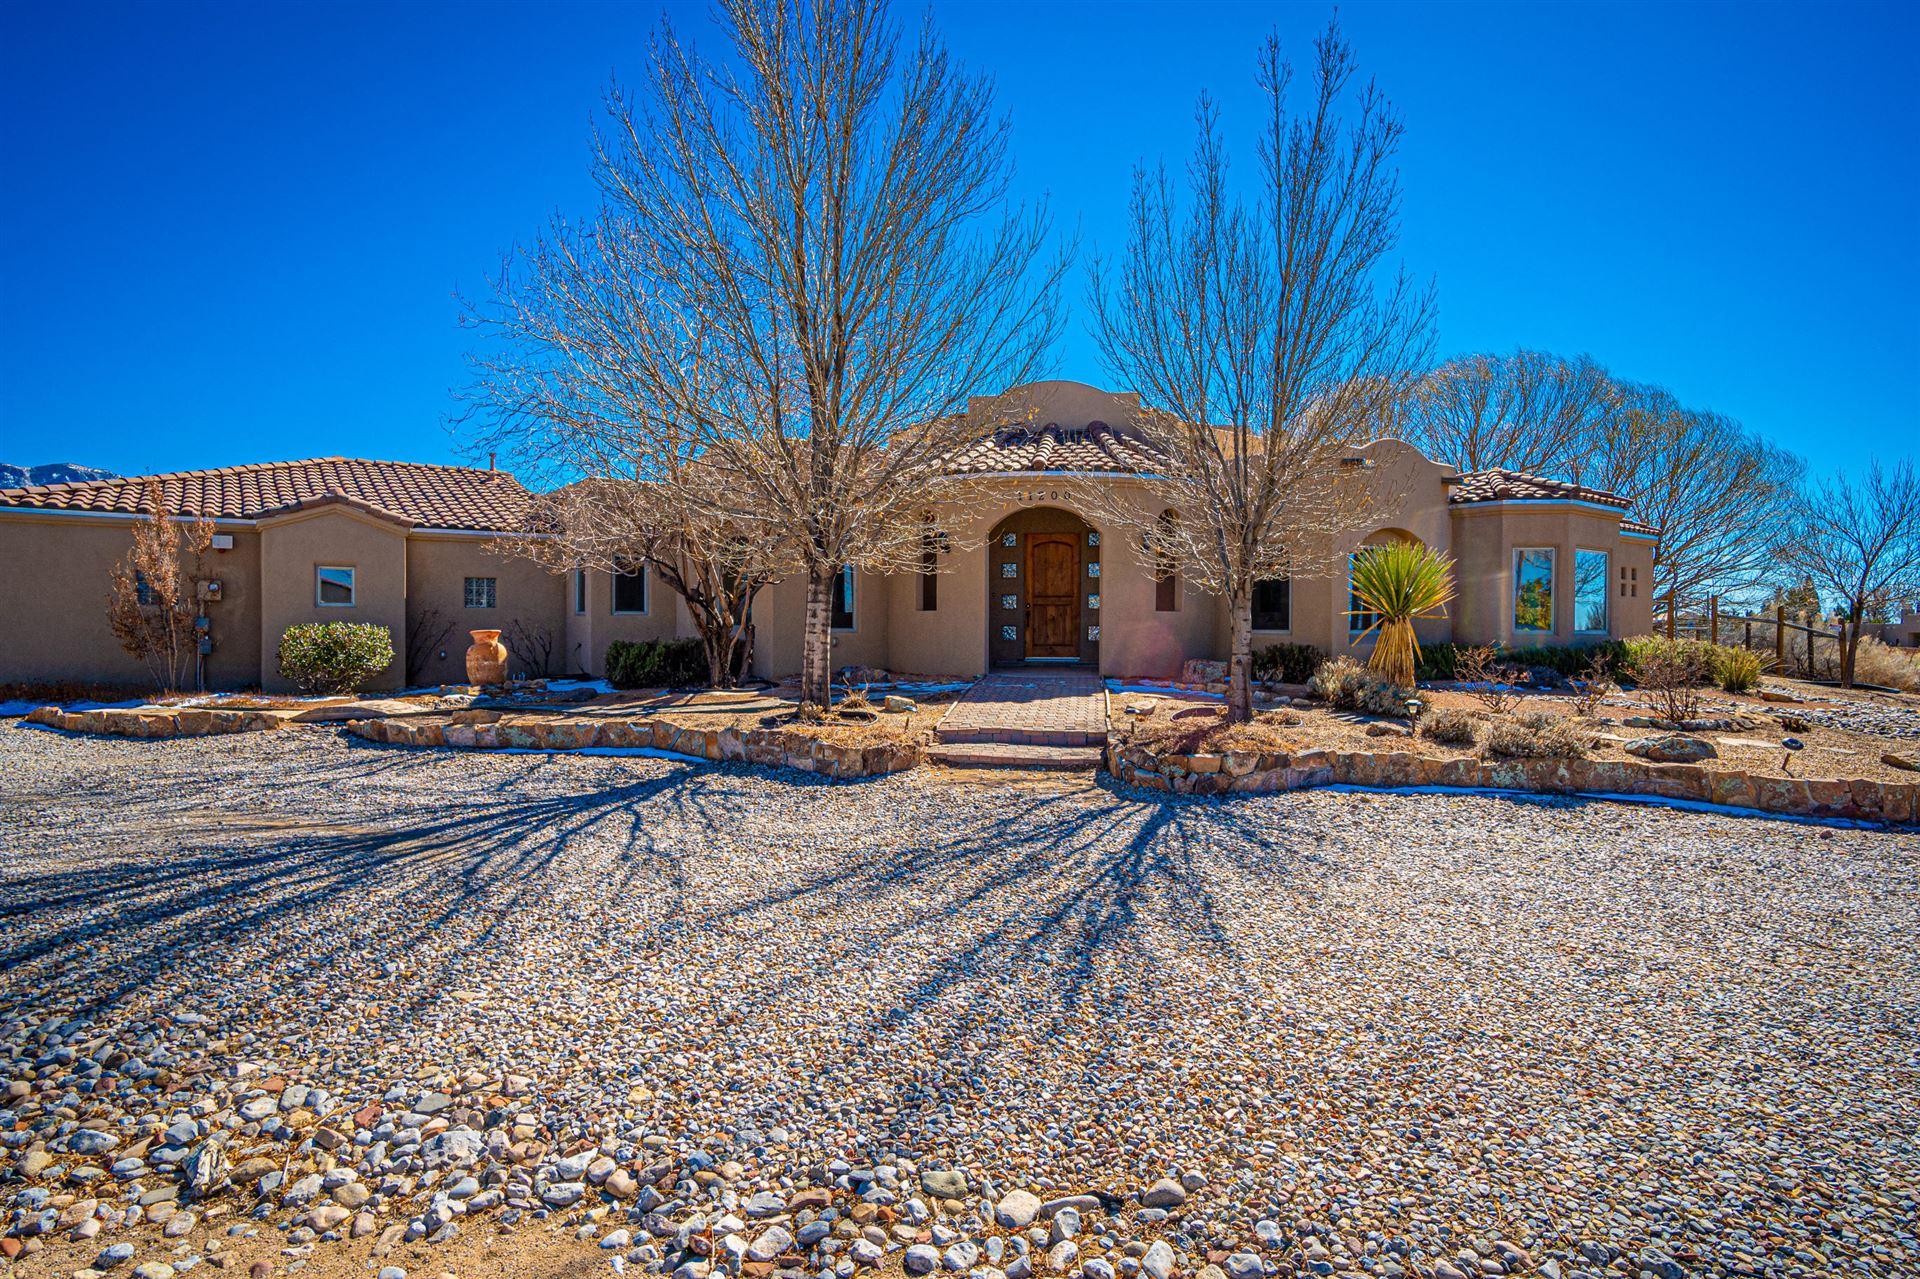 11200 CORONA Avenue NE, Albuquerque, NM 87122 - MLS#: 986334